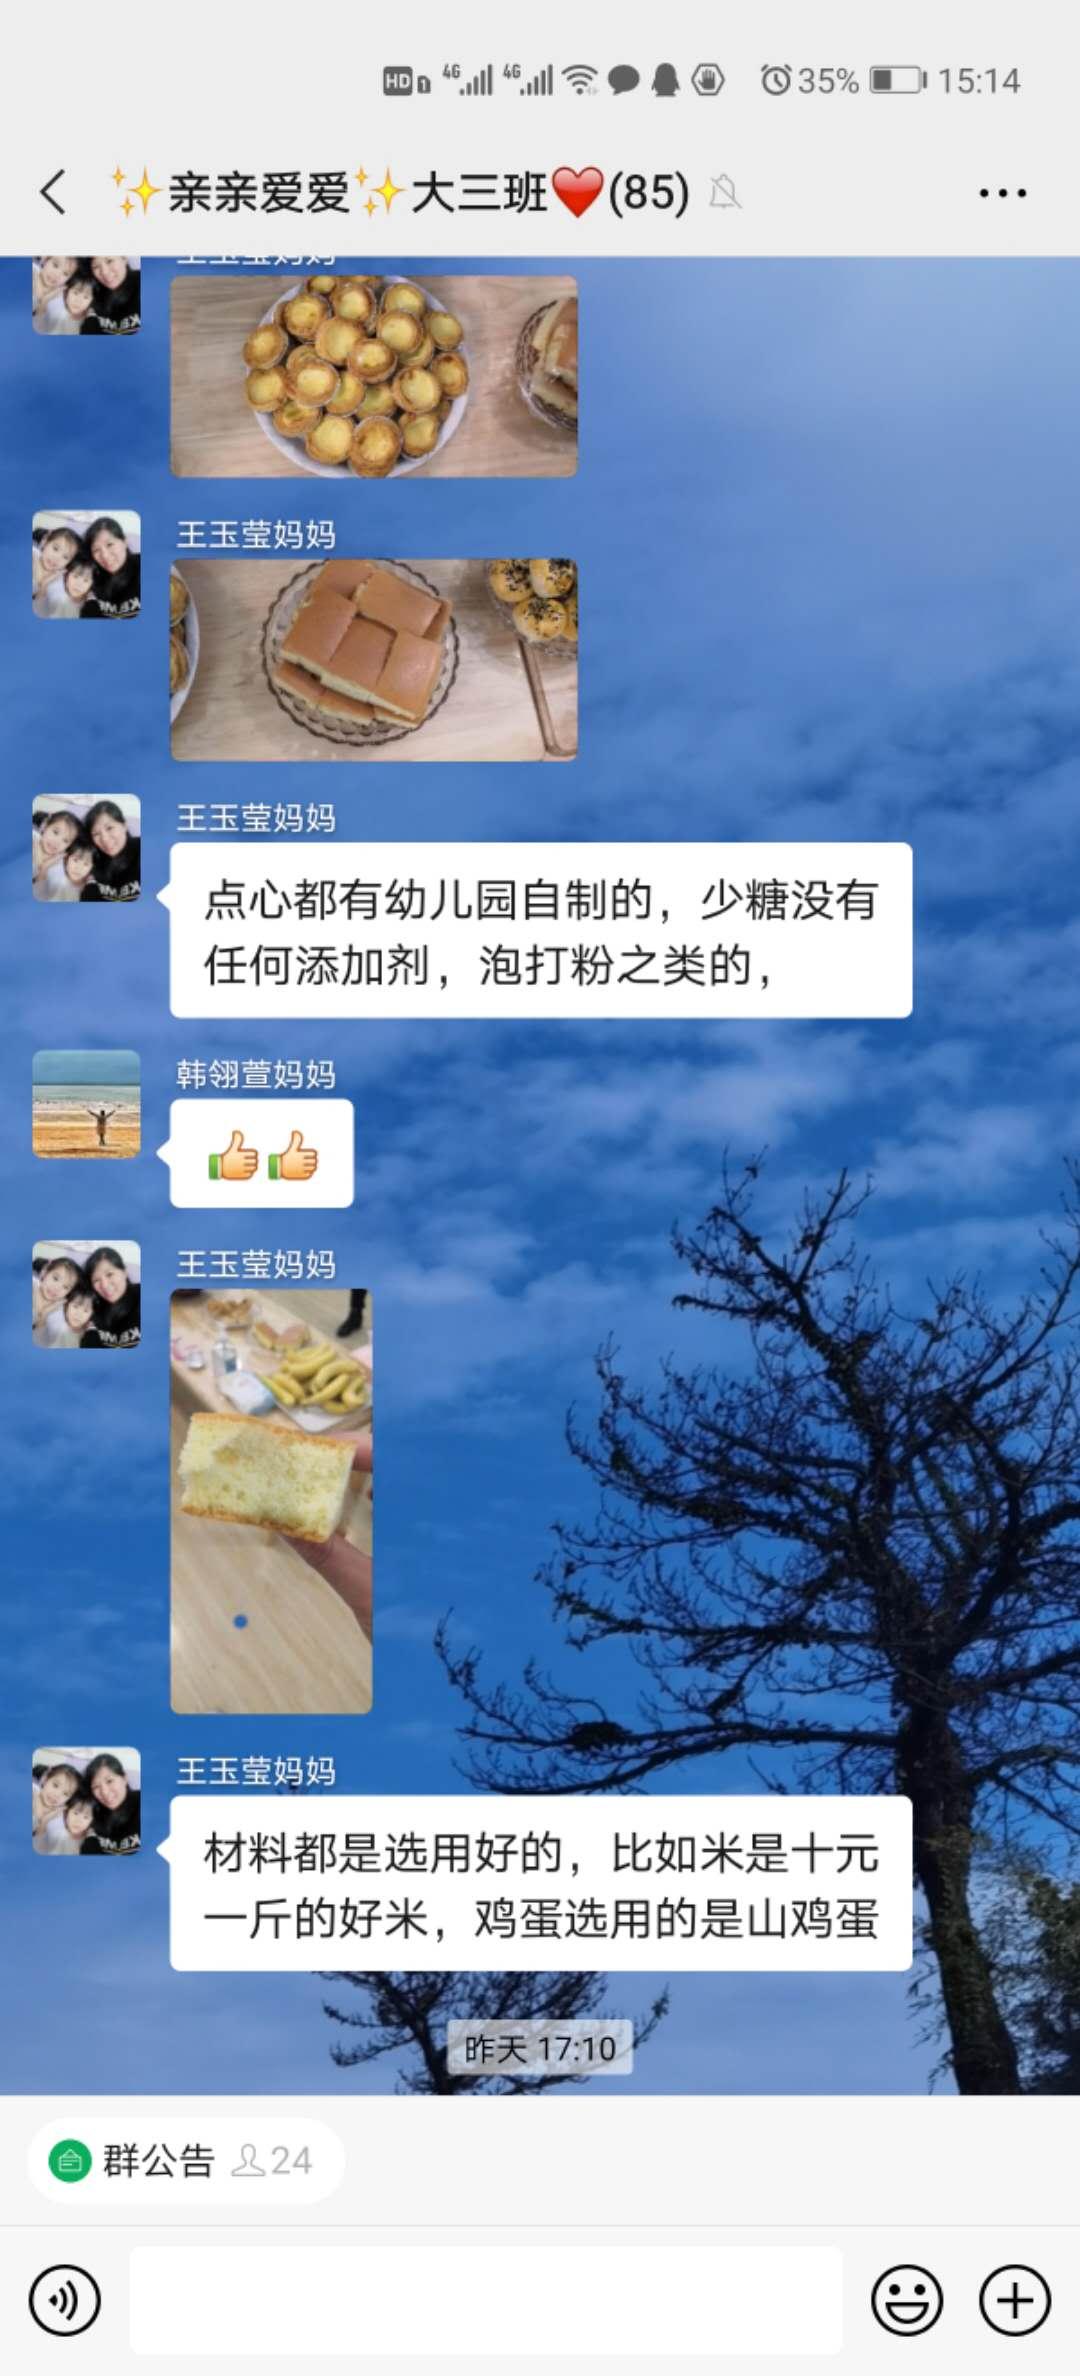 微信图片_20201022152008.jpg